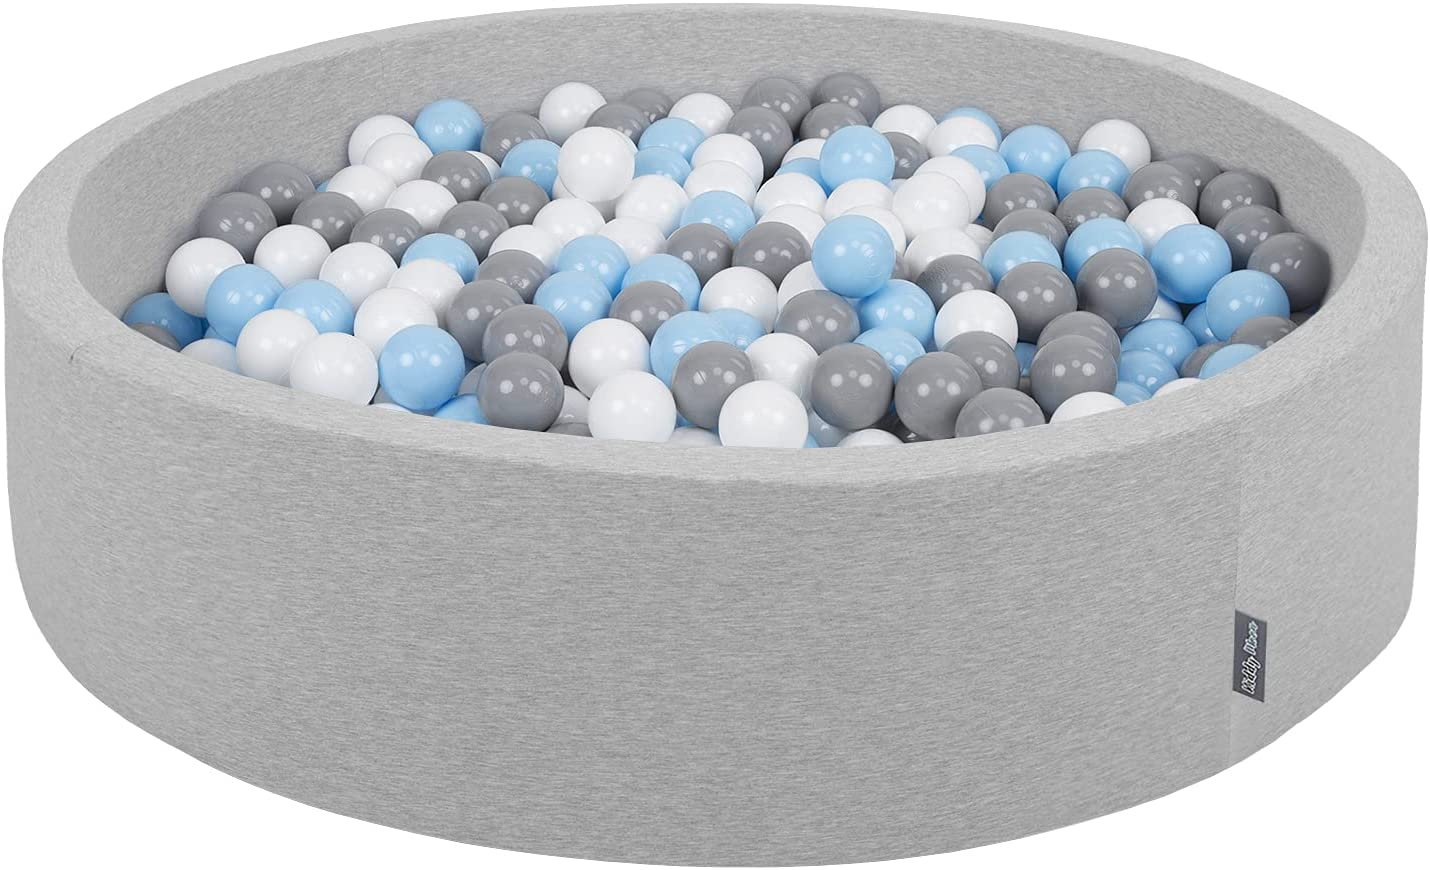 Gris Cl:Perle-Gris-Transp-Babyblue-Menthe KiddyMoon Piscine /À Balles 120X30cm//200 Balles Grande Rond pour B/éb/é Fabriqu/é en UE